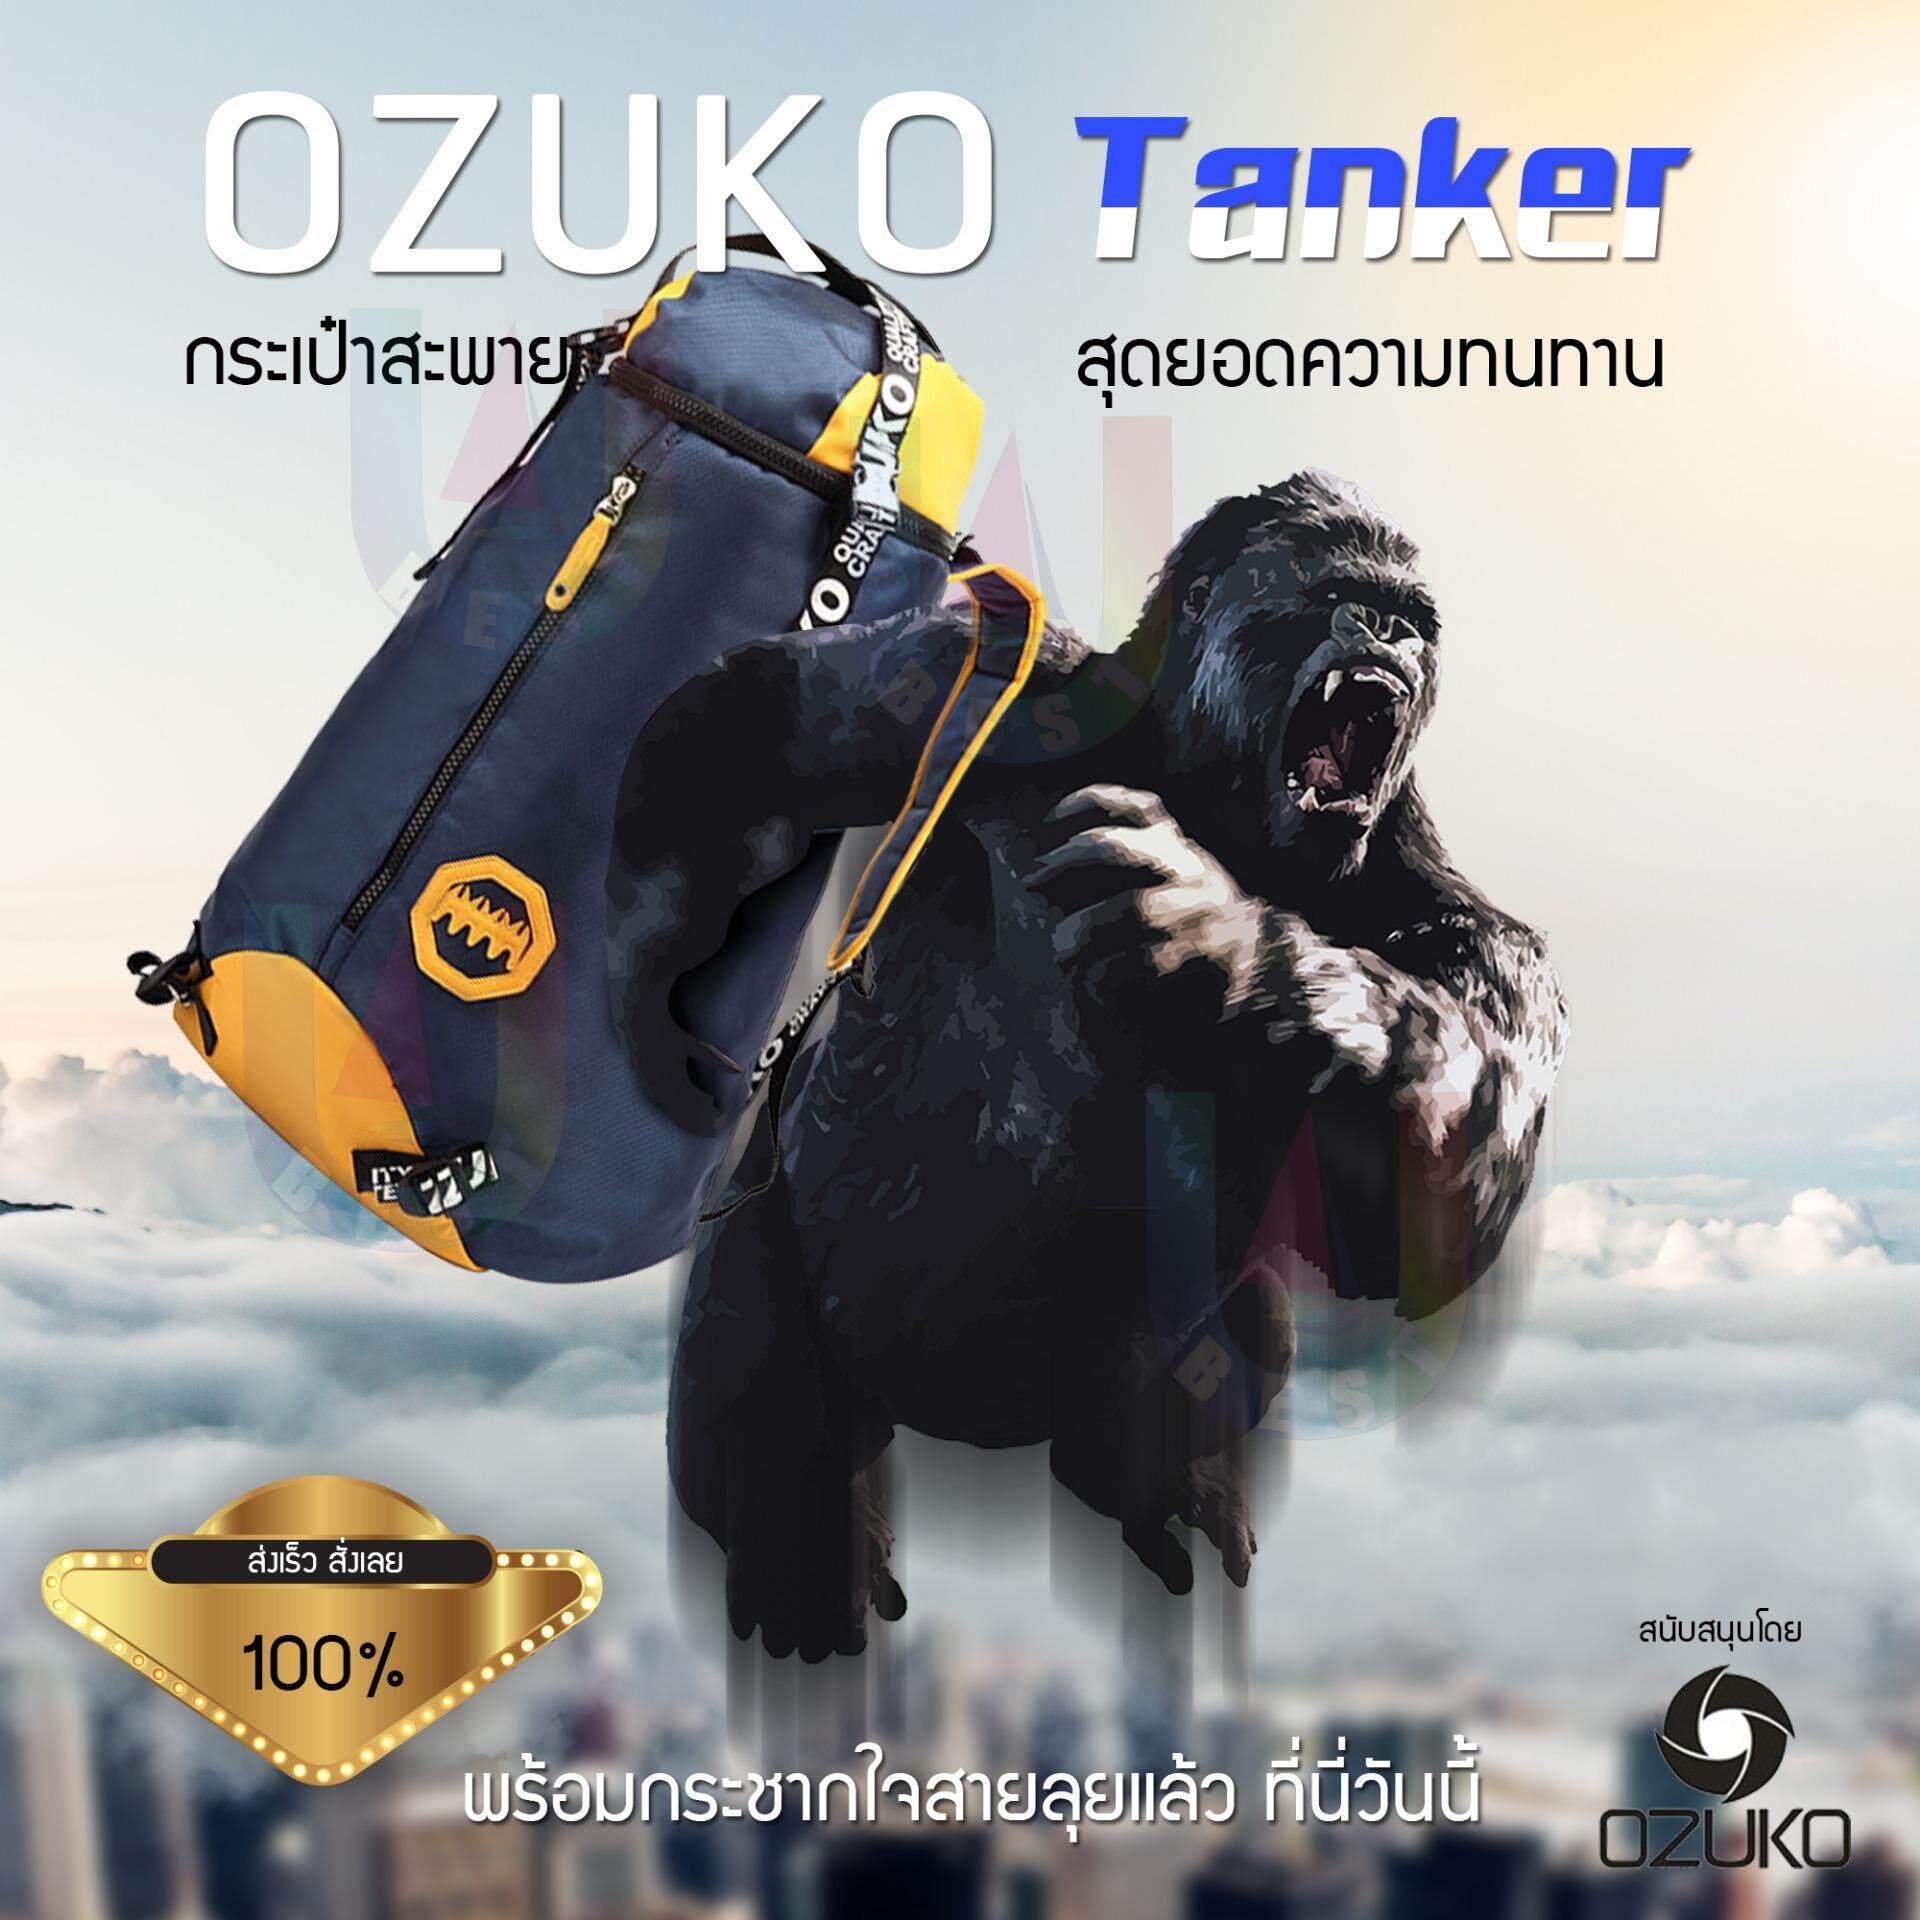 ขาย Ozuko กระเป้าเป้ Backpack ท่องเที่ยว กระเป๋าโน๊ตบุ๊ค กระเป๋าสะพายหลัง กระเป๋าแฟชั่น กระเป๋าเดินทาง เท่ๆ สุดแนว ใส่สบาย ใส่ของได้เยอะ กันน้ำได้ รุ่น Tanker สีน้ำเงิน Ozuko ถูก